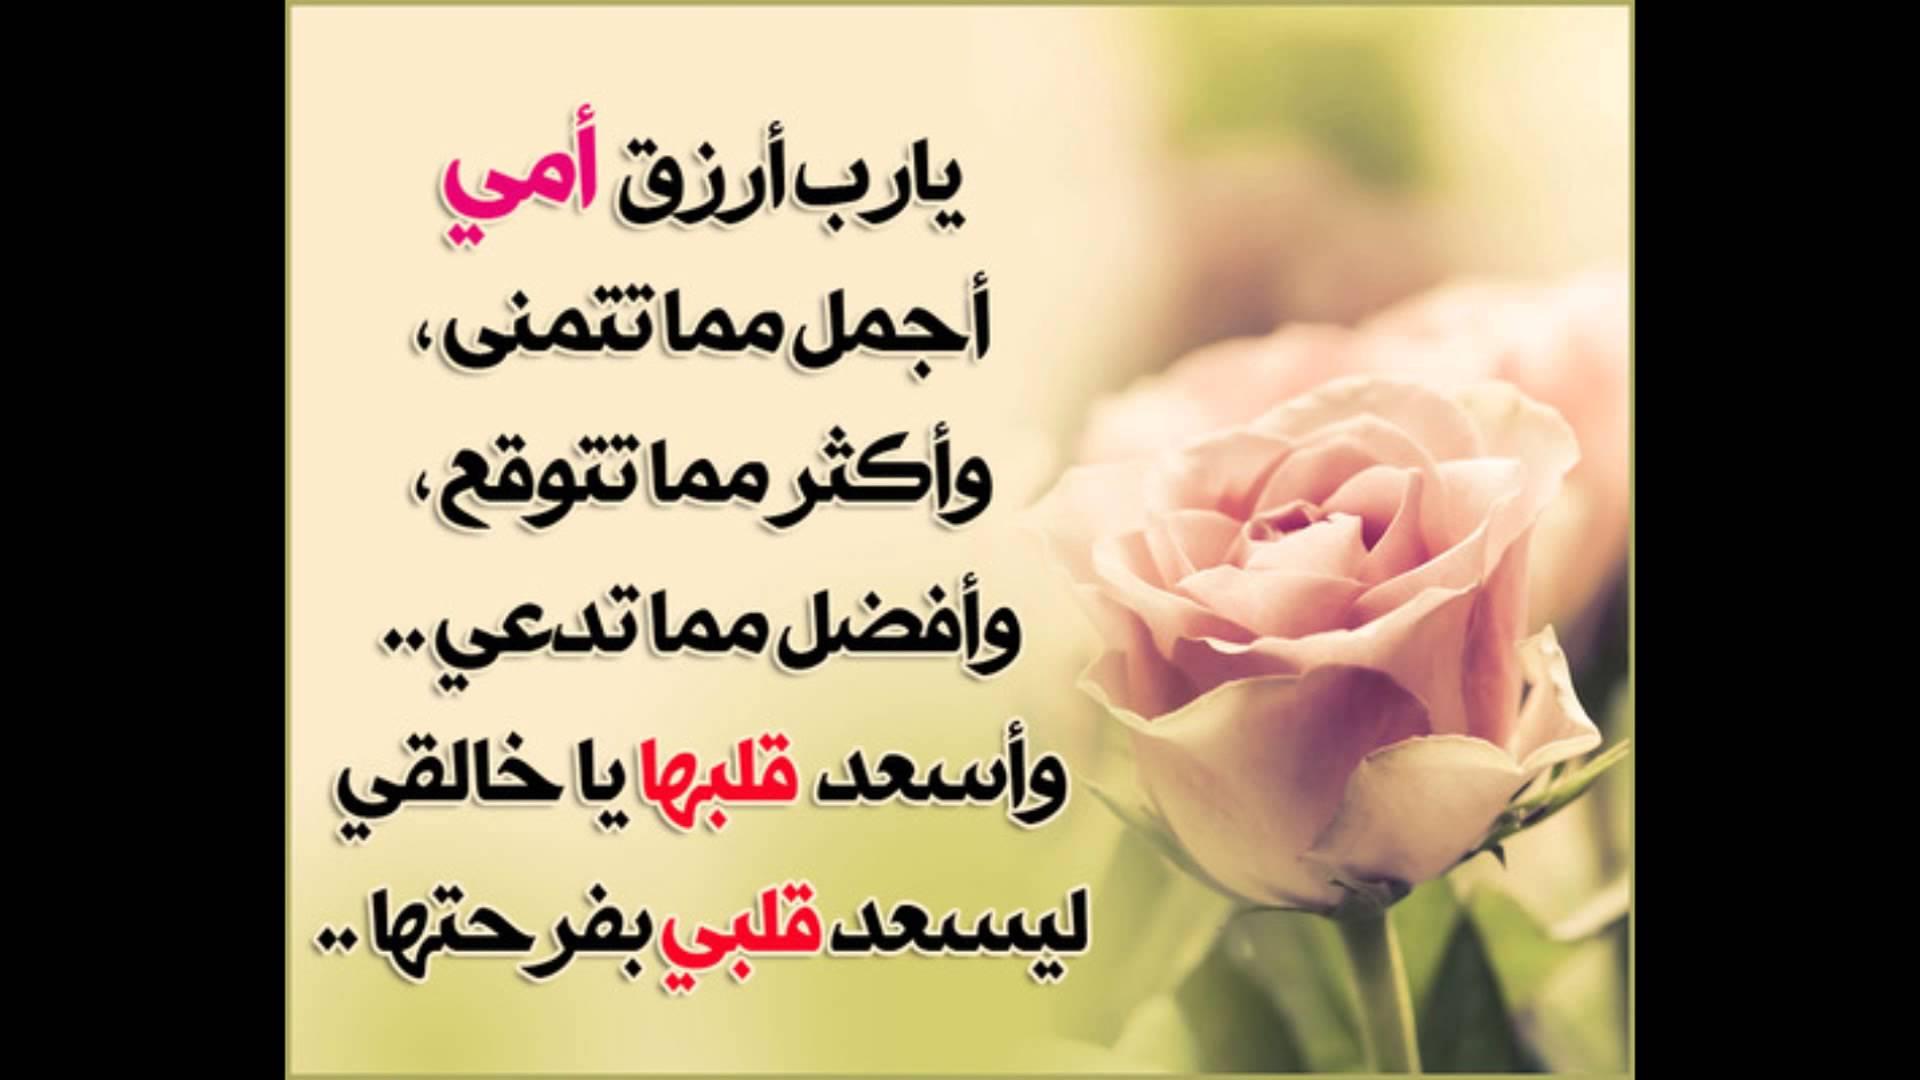 بالصور شعر عيد الام , كلام عن امى الحبيبه 6656 10